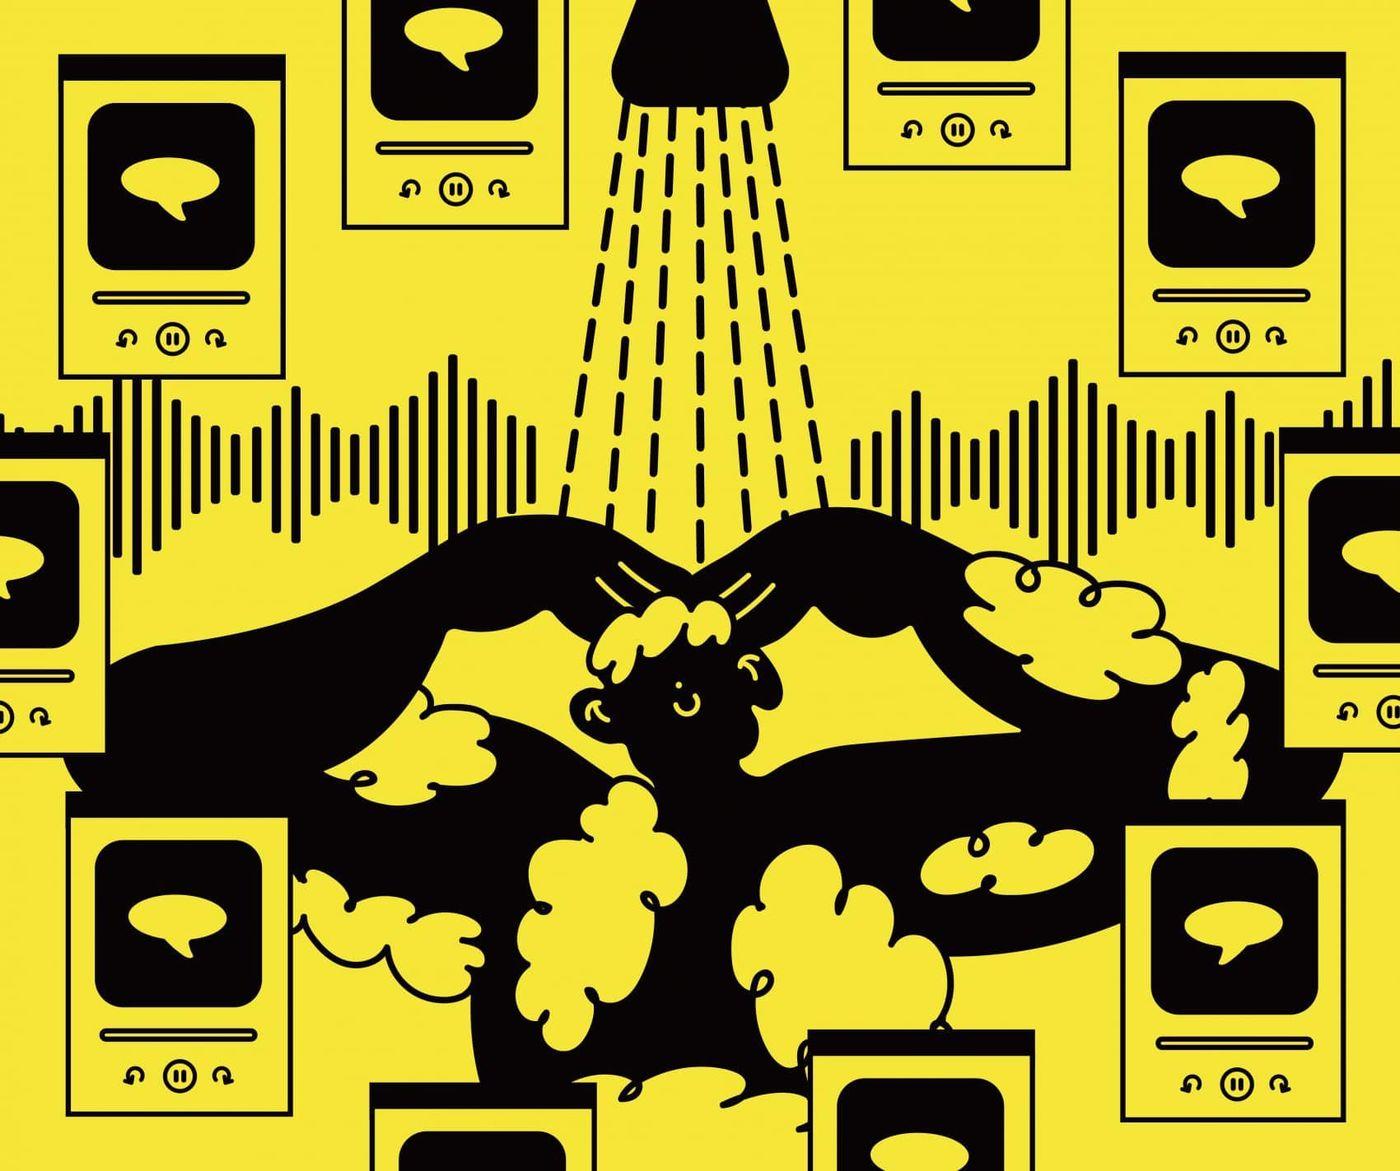 audio spoo.jpeg